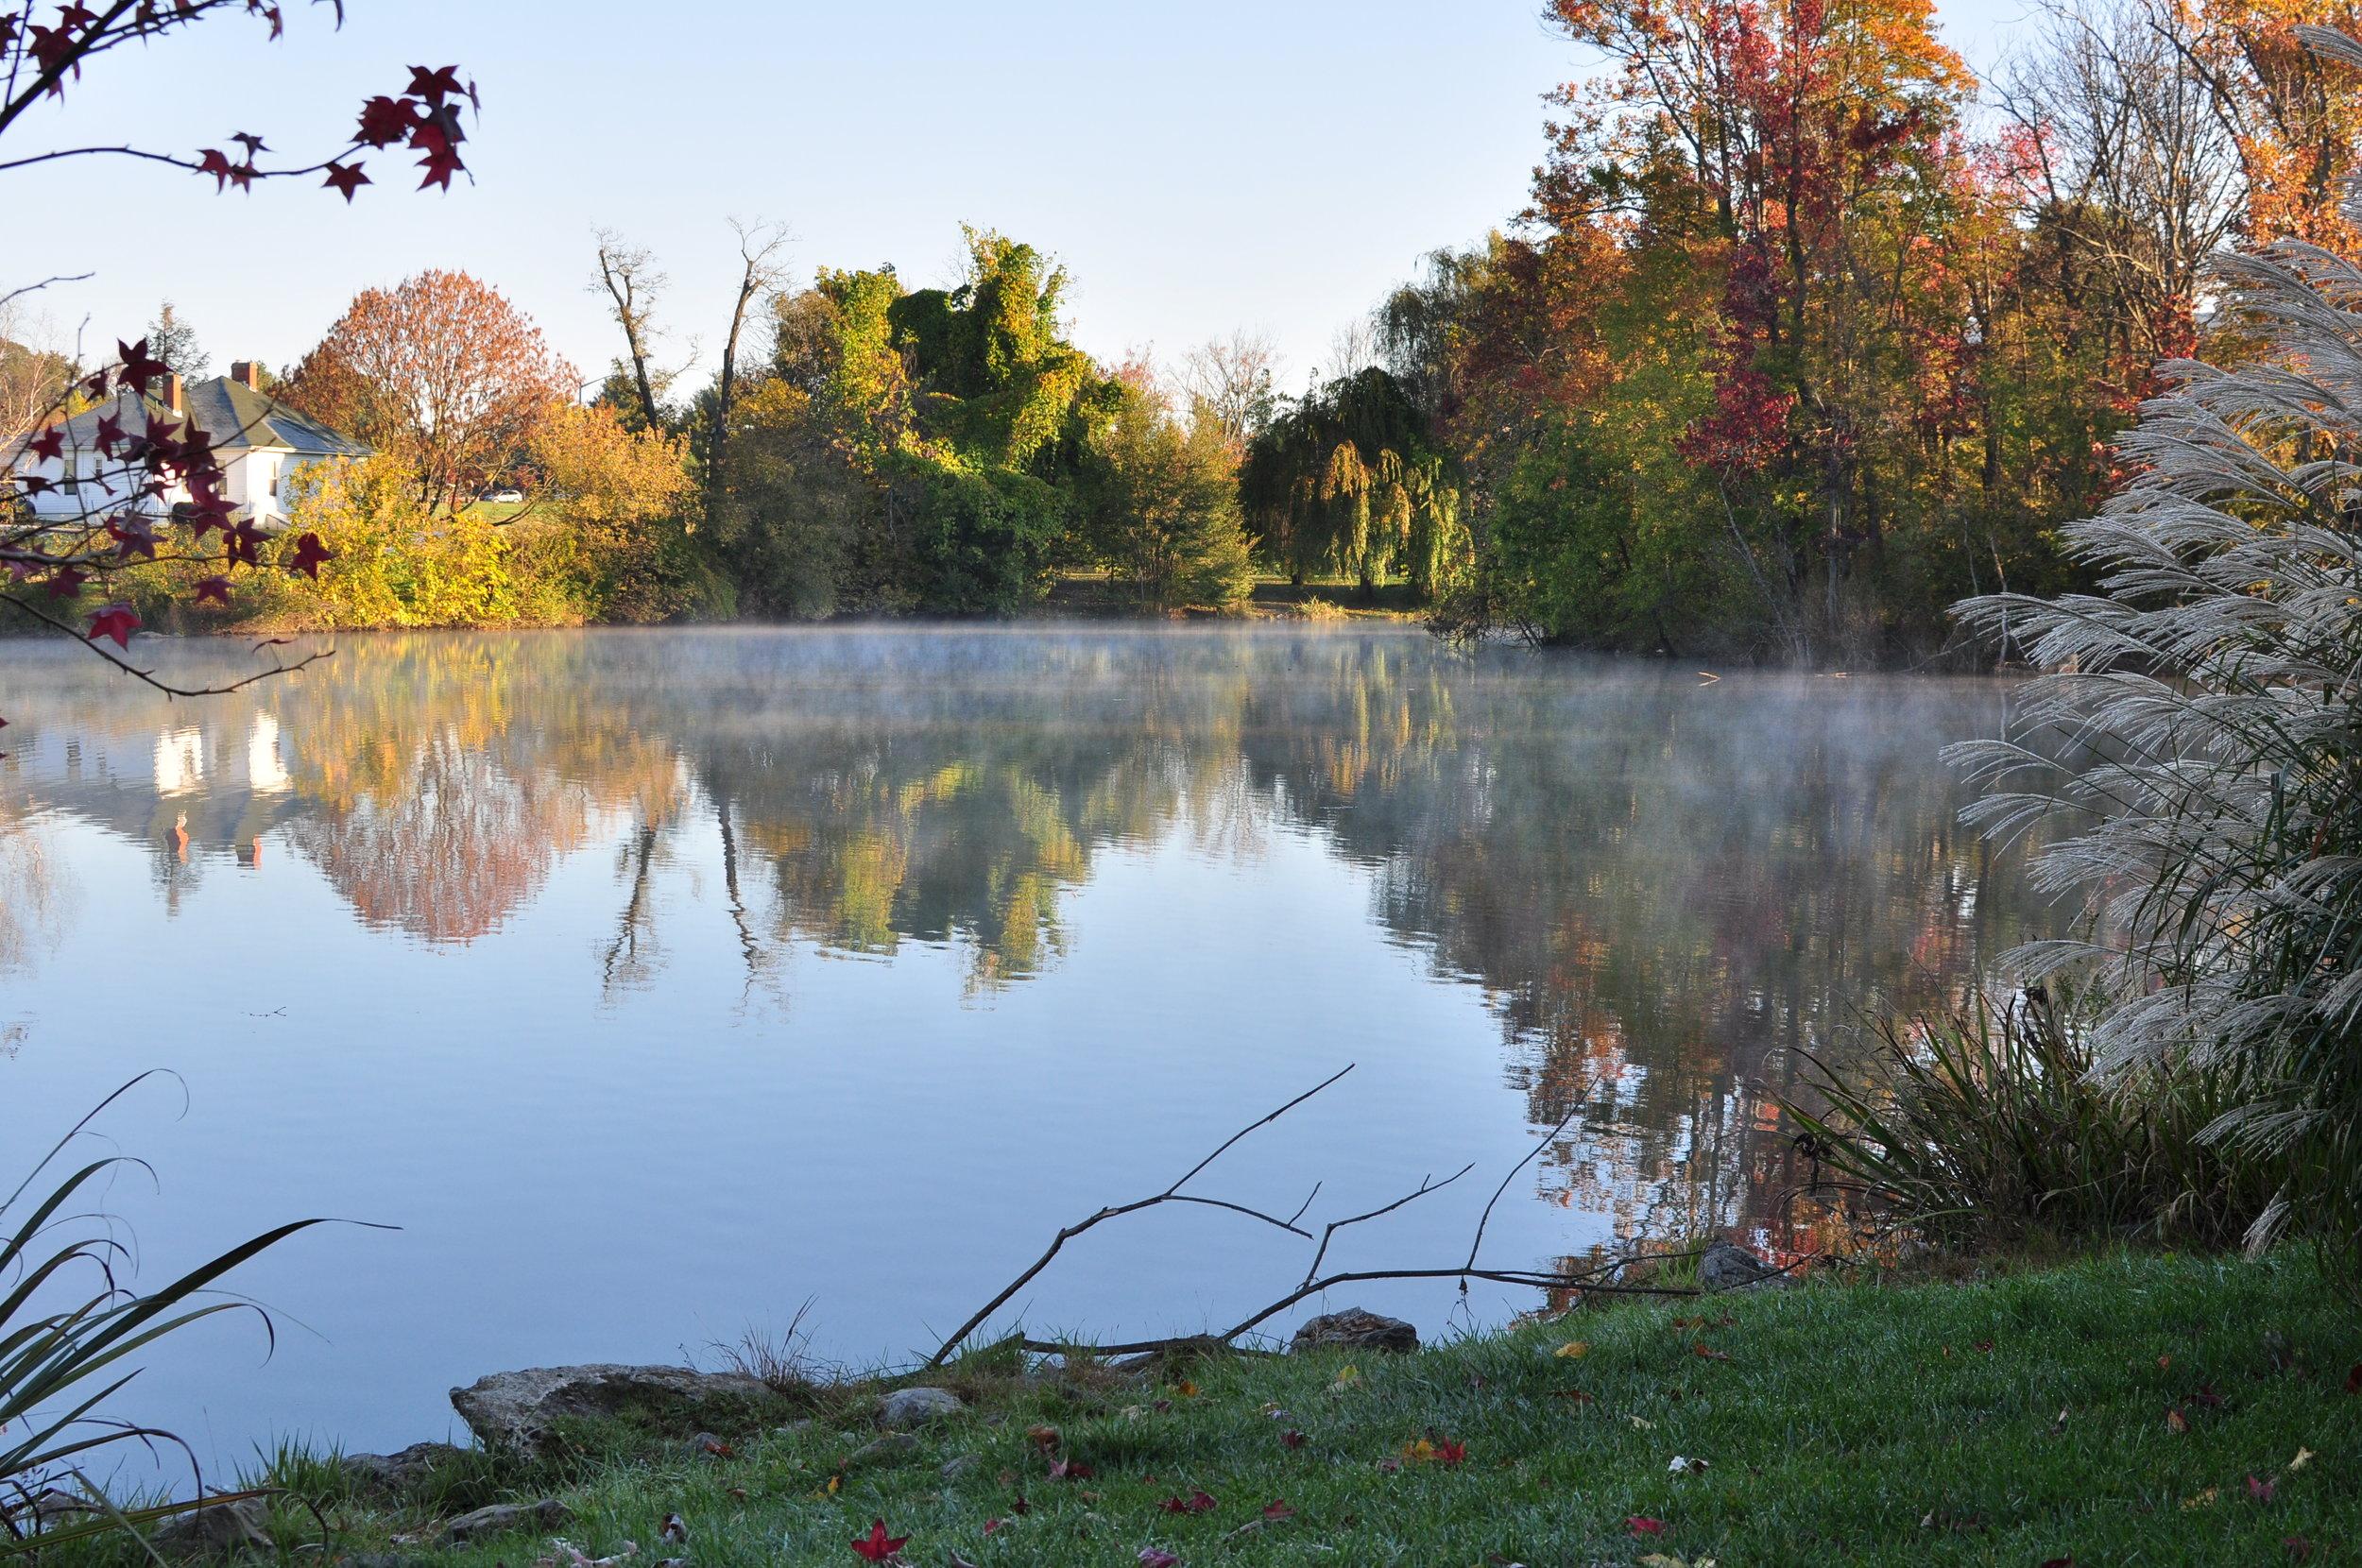 Smoke on the water - Blacksburg - pedrik - CC2.0 Attribution Sharalike